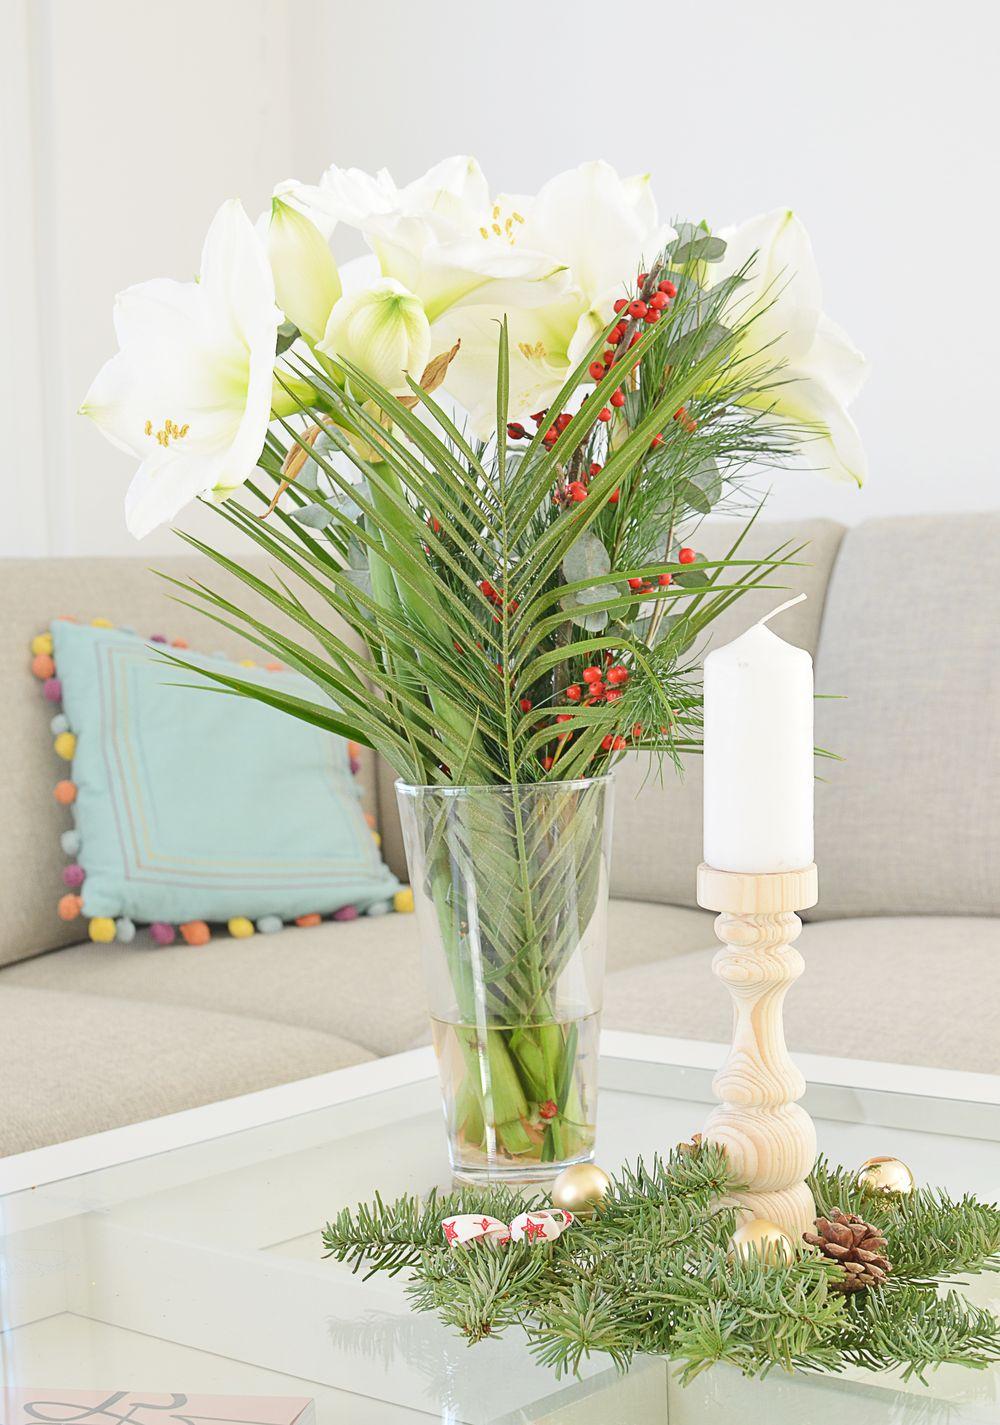 Świąteczny klimat w mieszkaniu - świecznik i zimowy bukiet